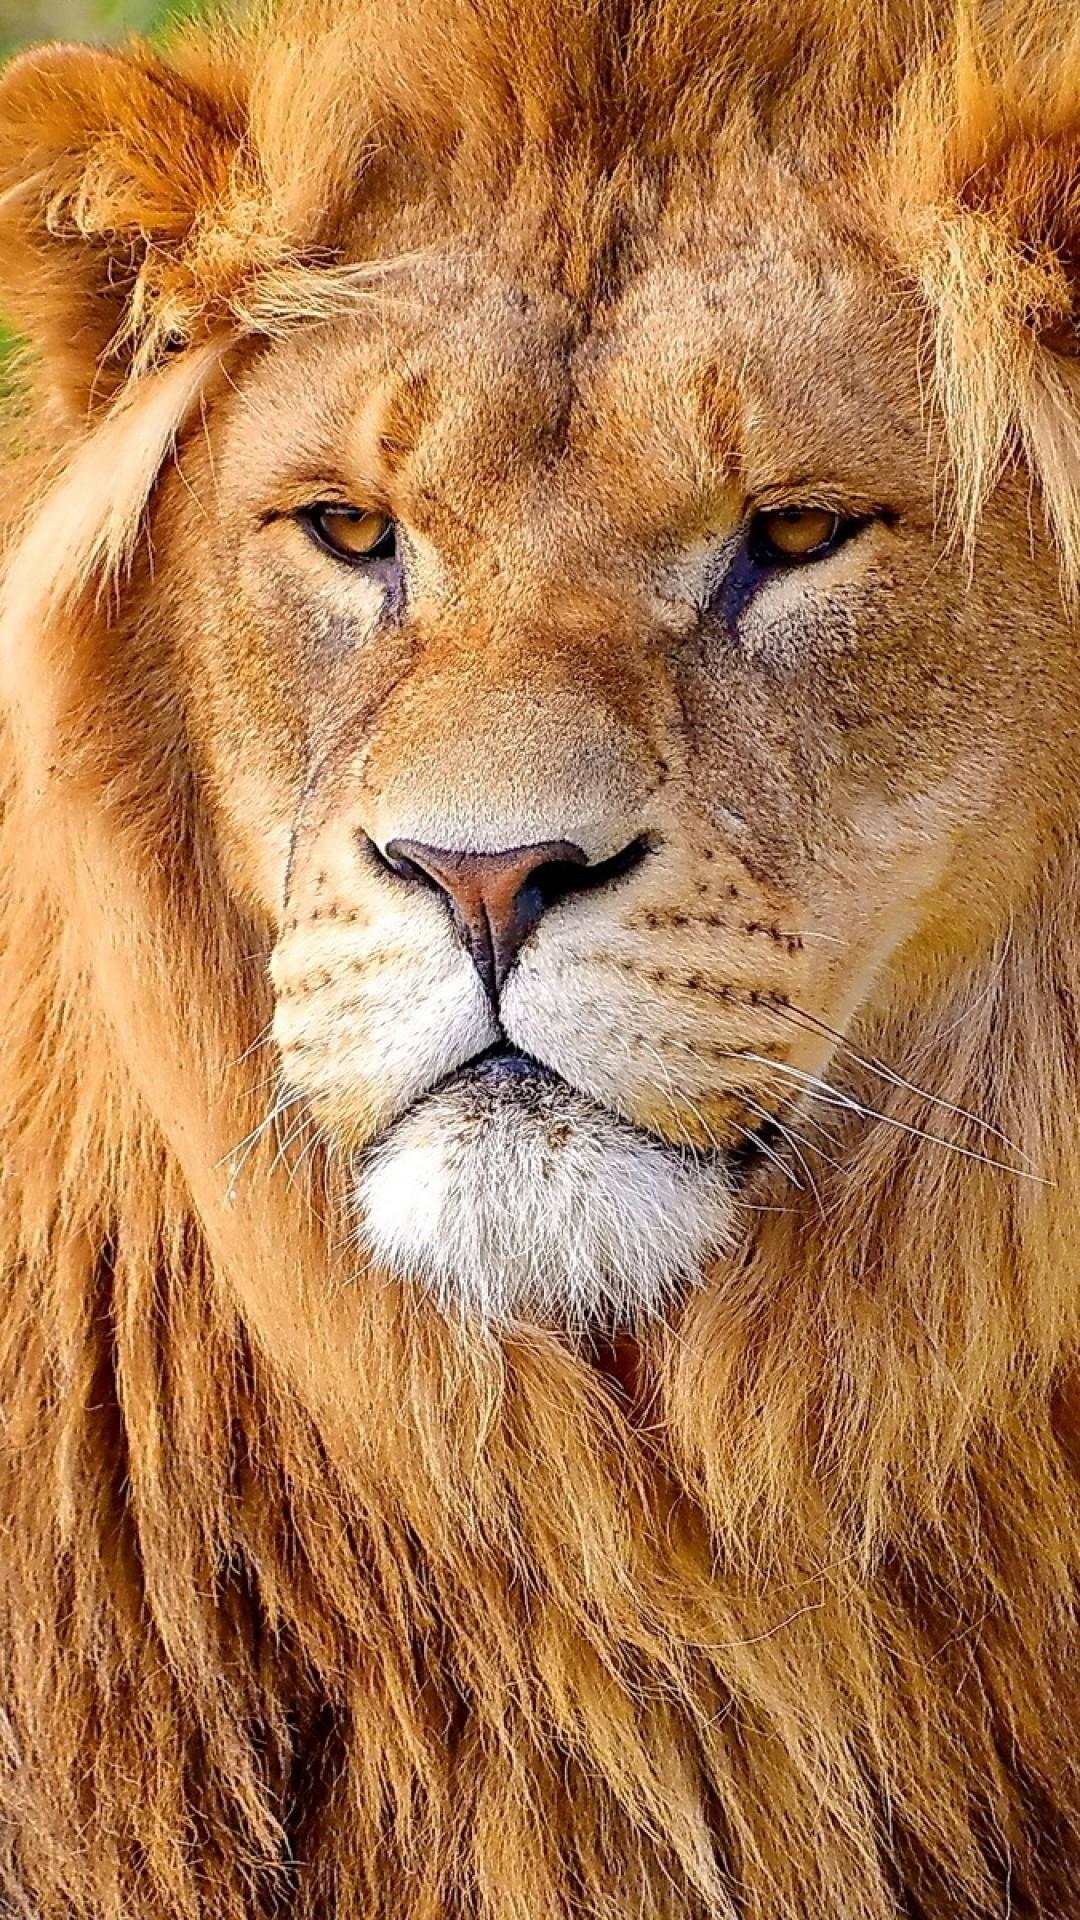 Lion Face Wallpaper (68+ Images